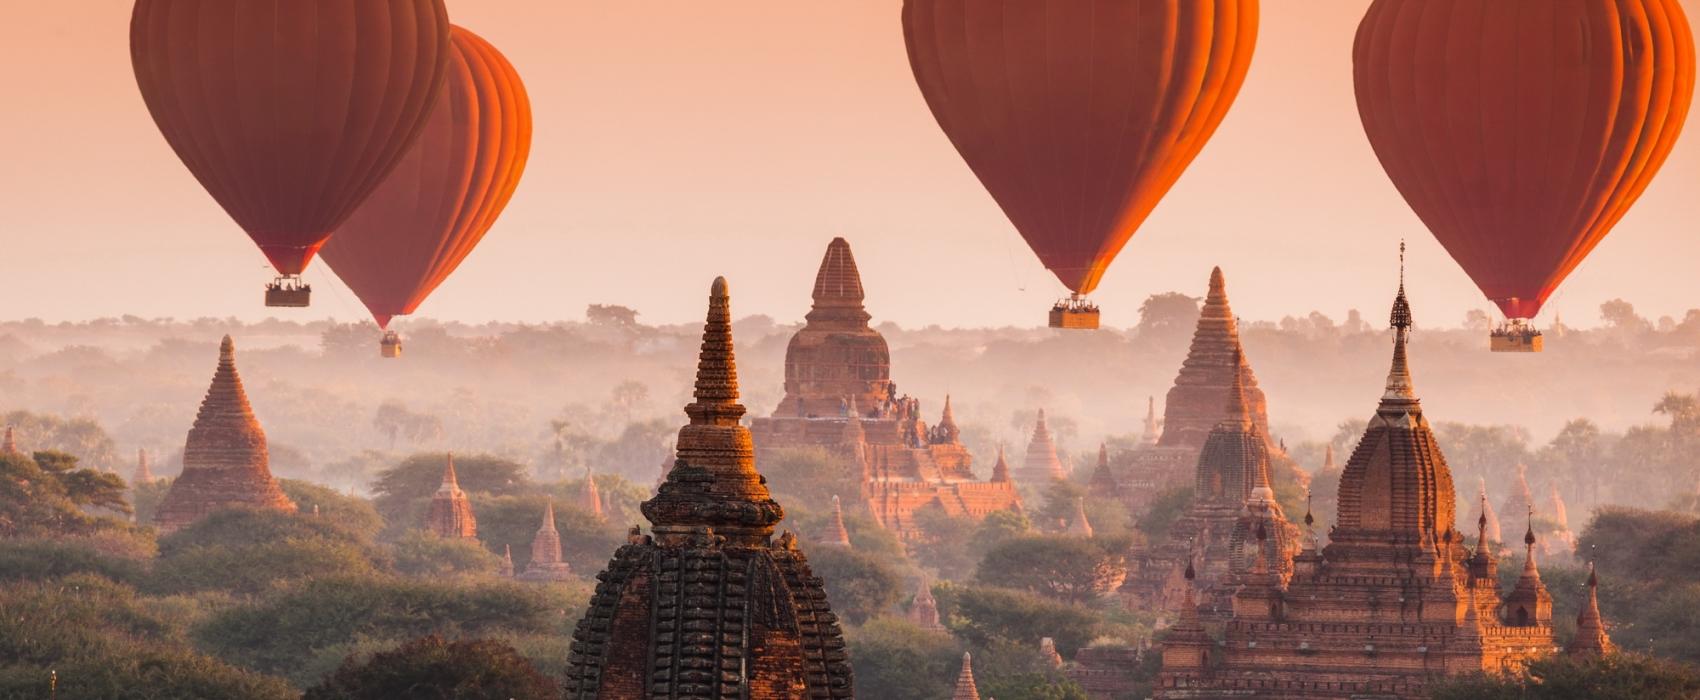 Birmanie - Ballon survolant la pagode bagan au coucher de soleil au Myanmar